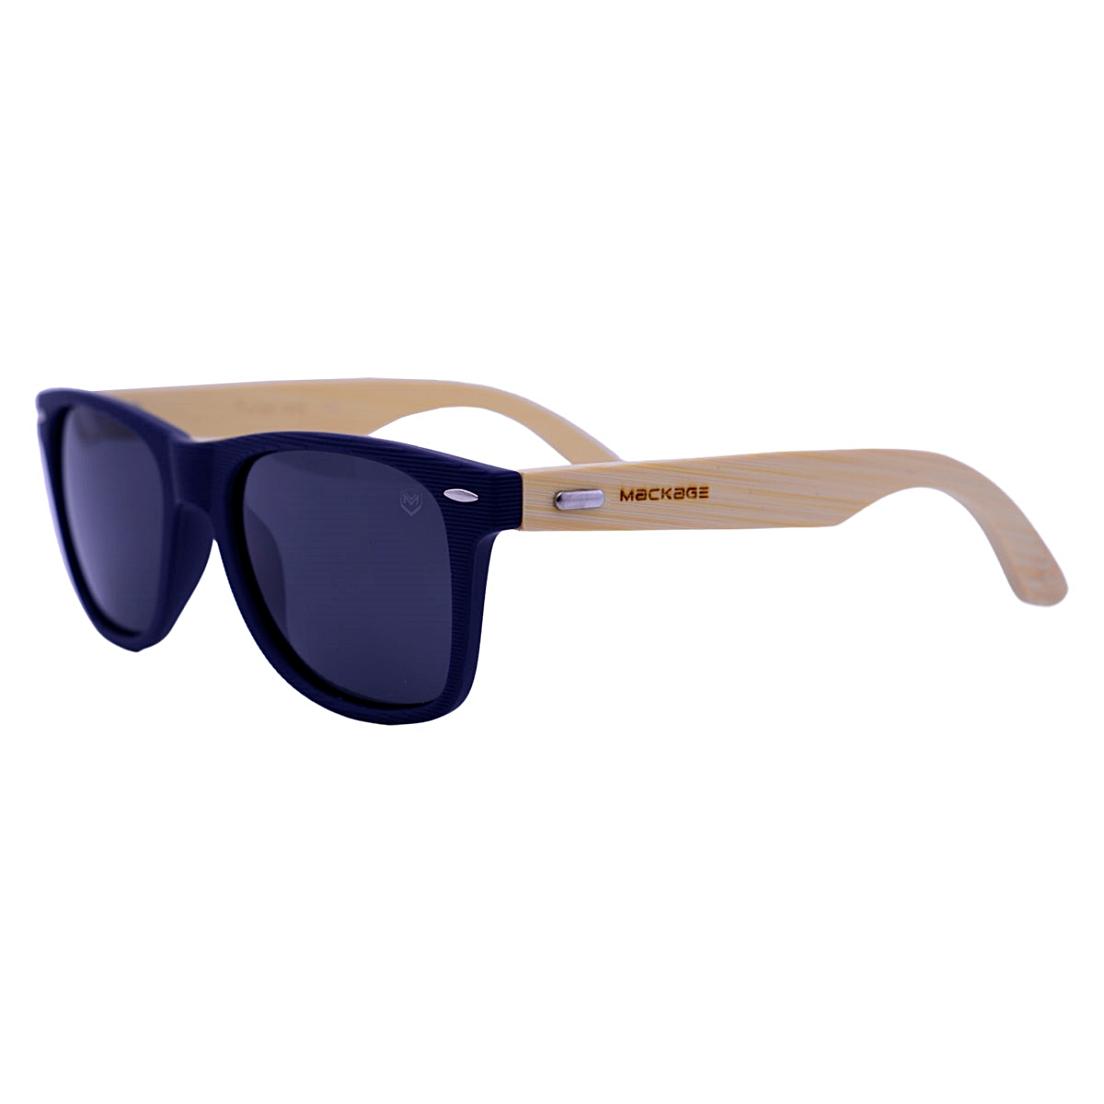 Óculos De Sol Mackage Unissex Wayfarer Madeira Polarizado - Preto